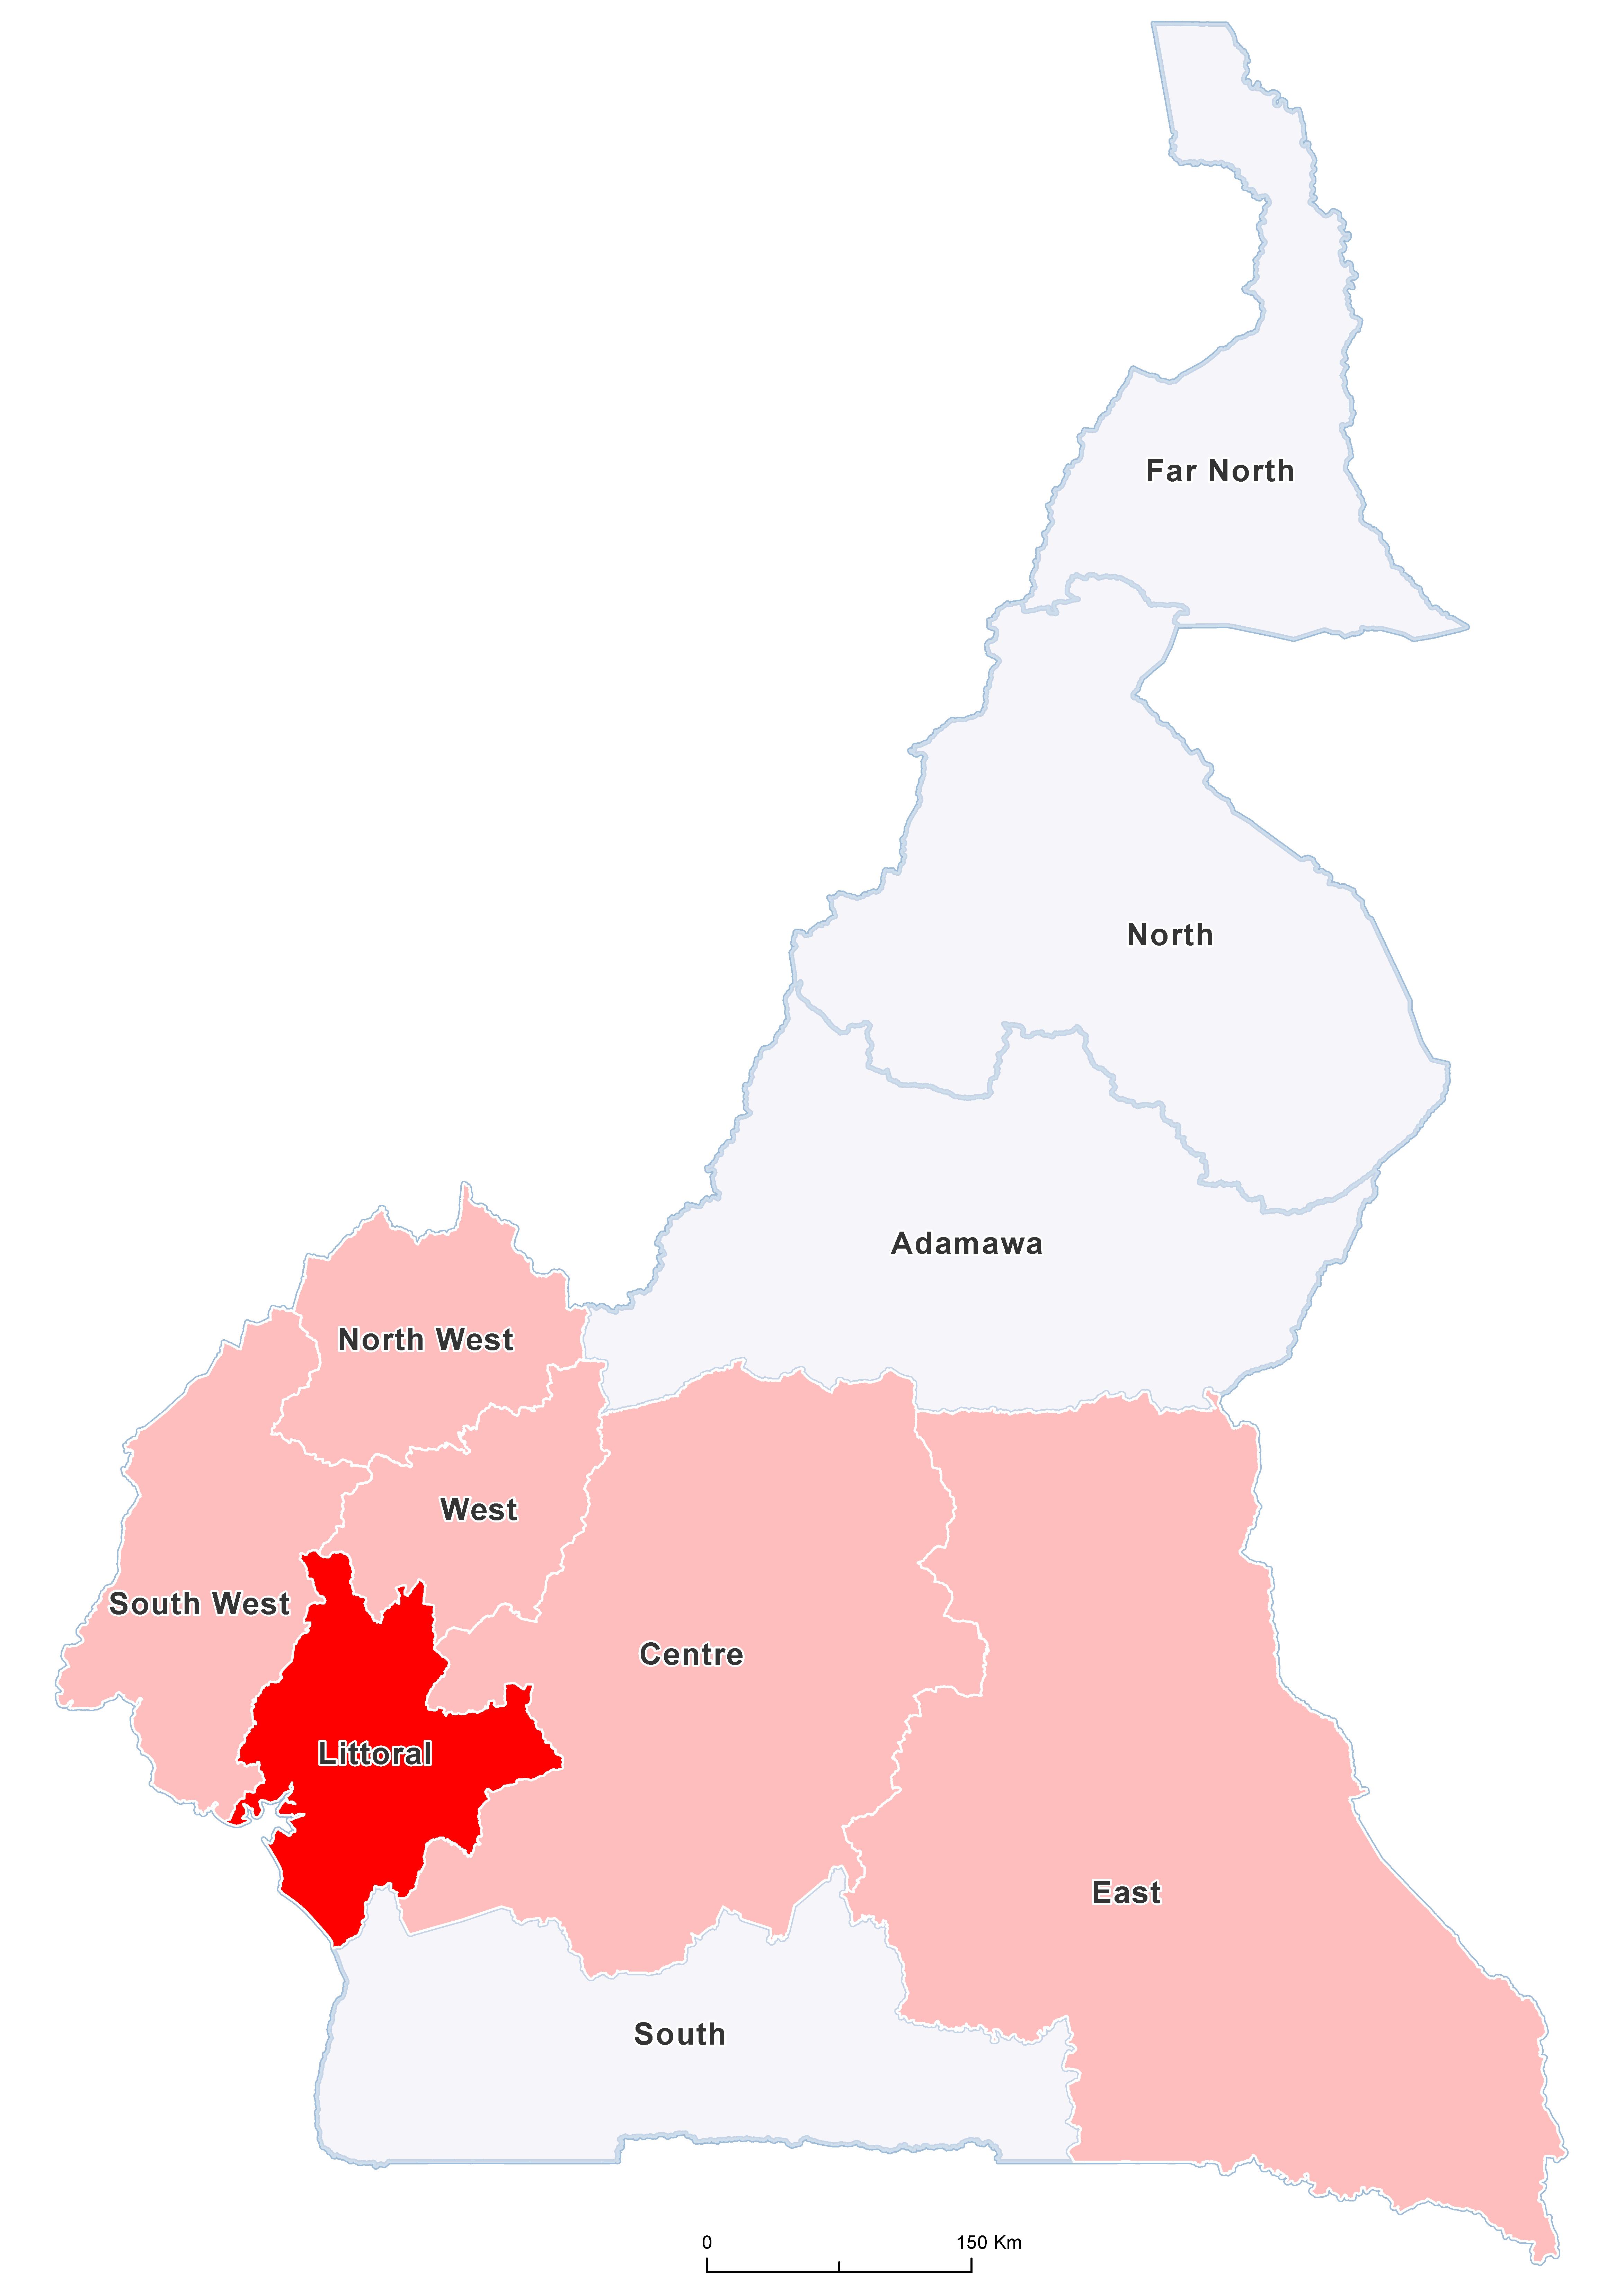 SCH-Mean Prevalence 20180001